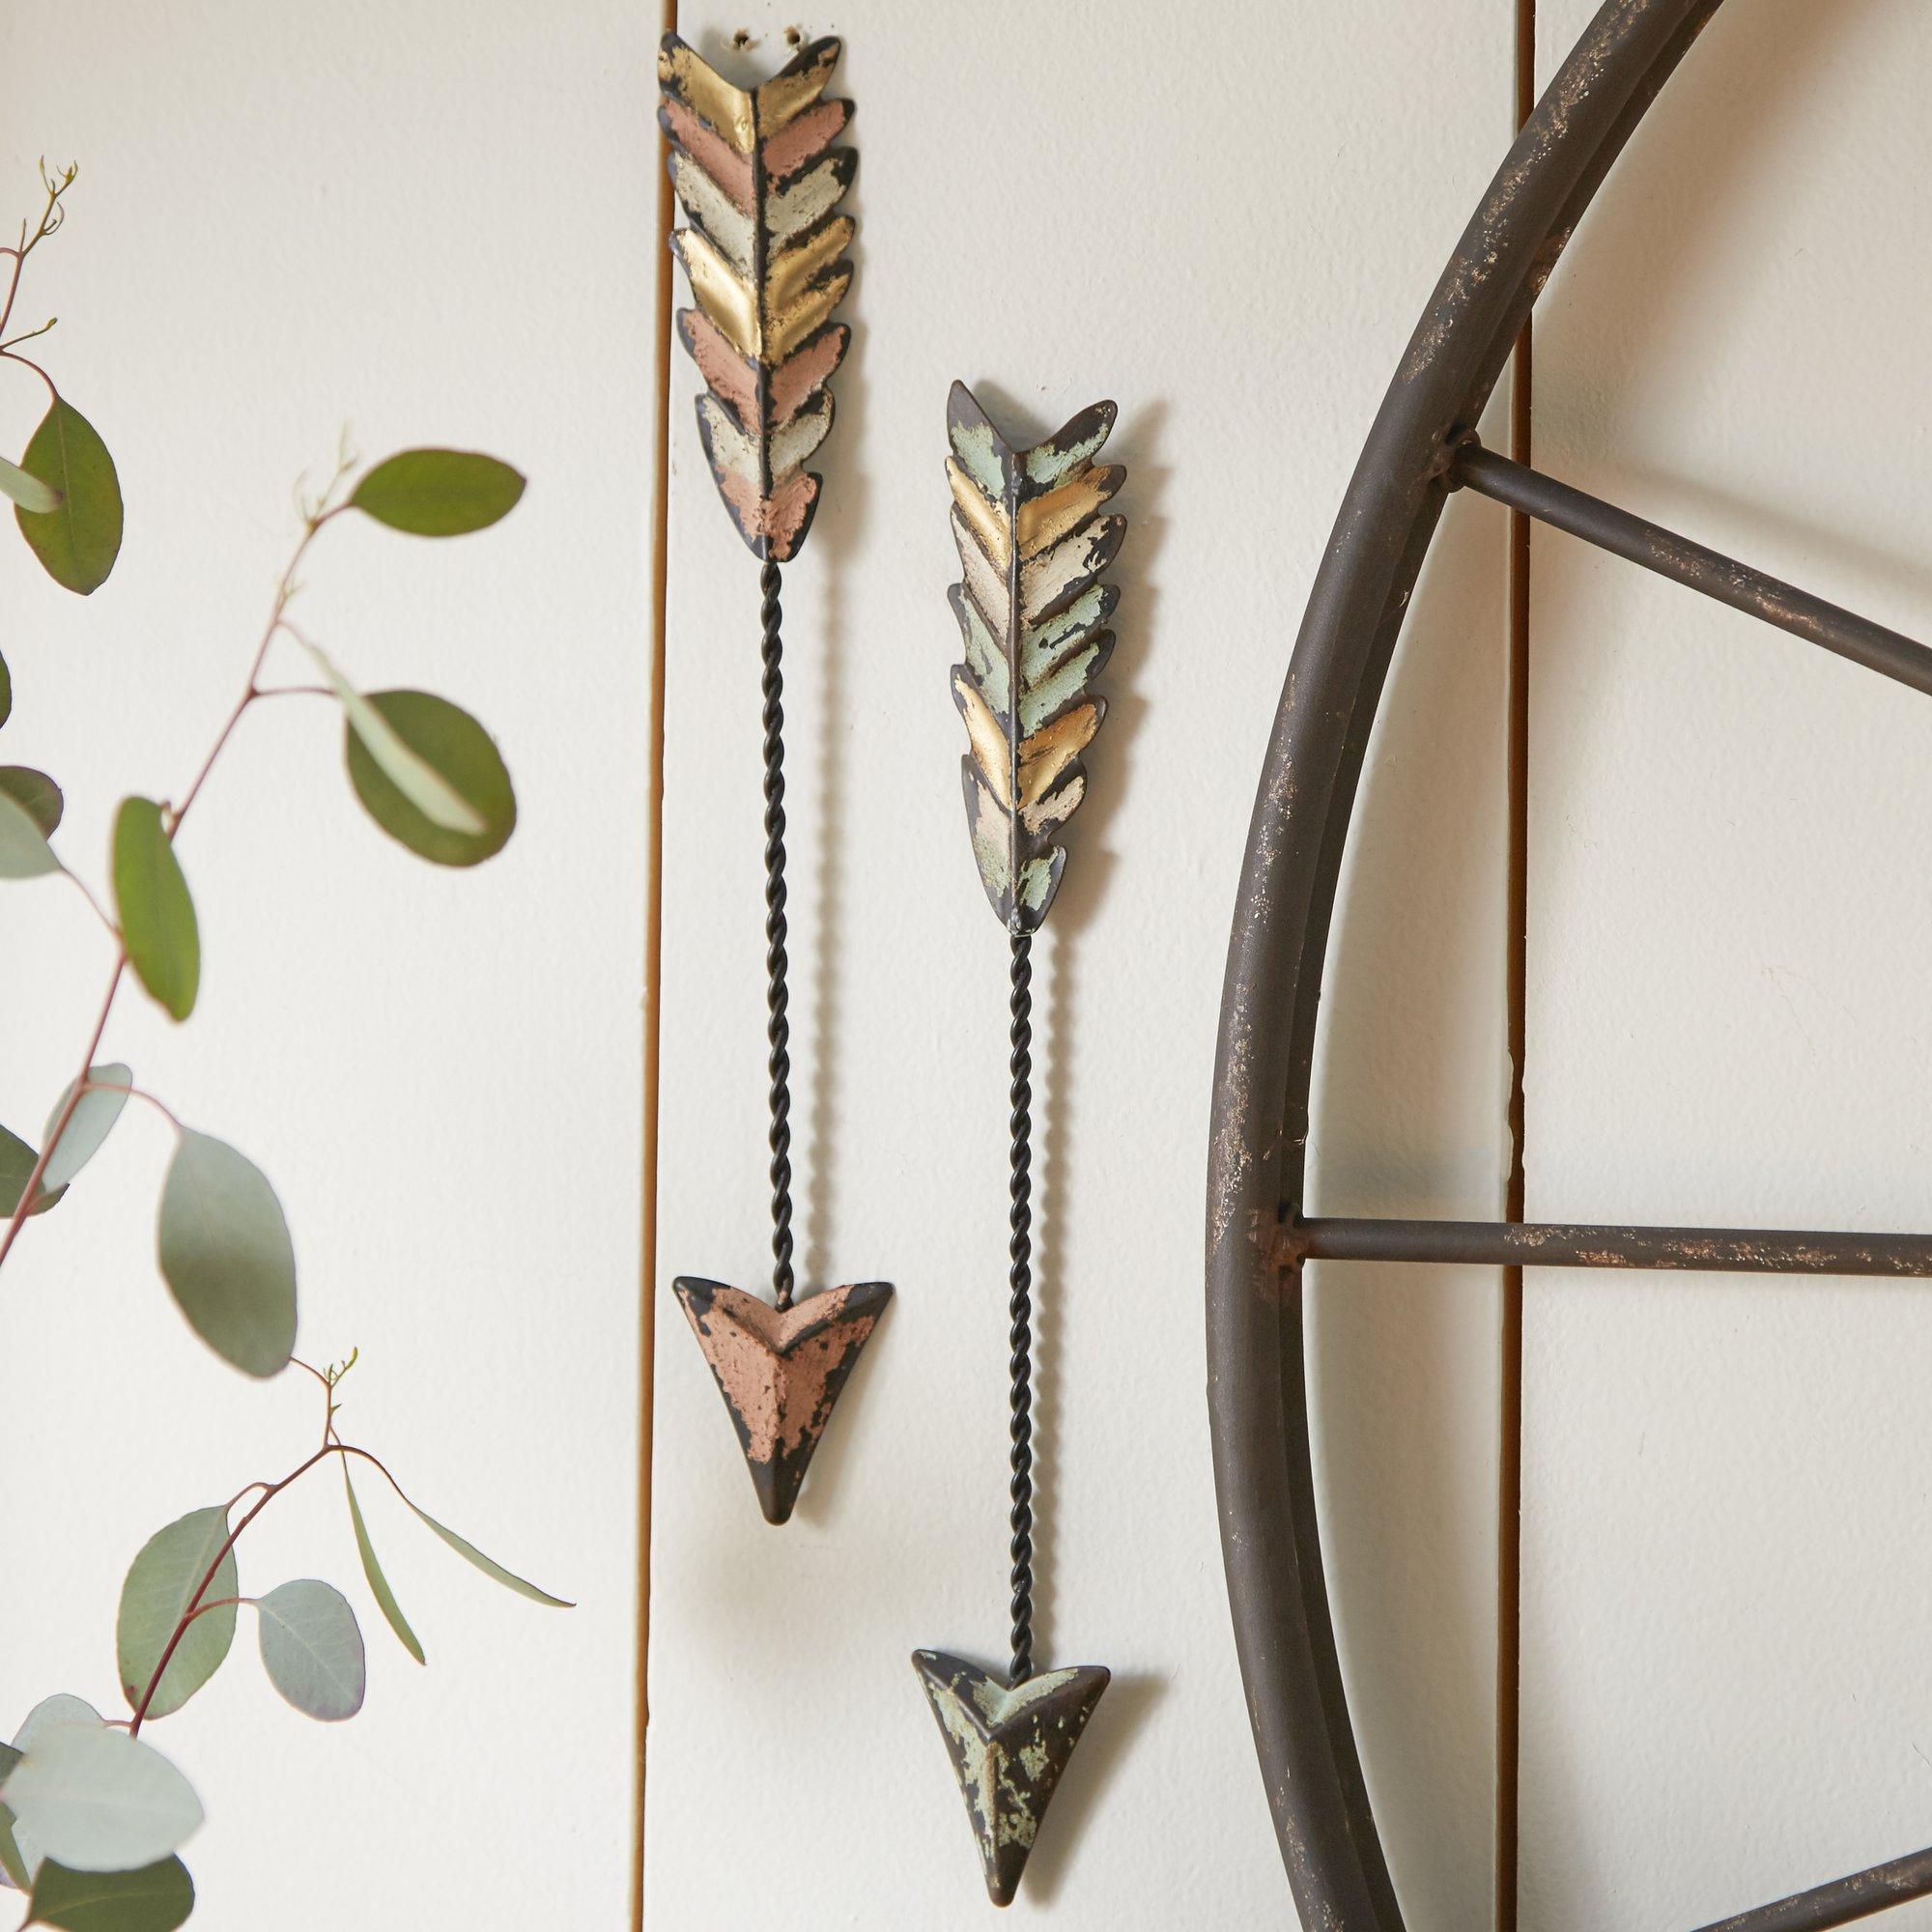 彩色羽毛 | 民族纹饰 | 热带植物&动物 | 海娜花纹 | 图腾纹理